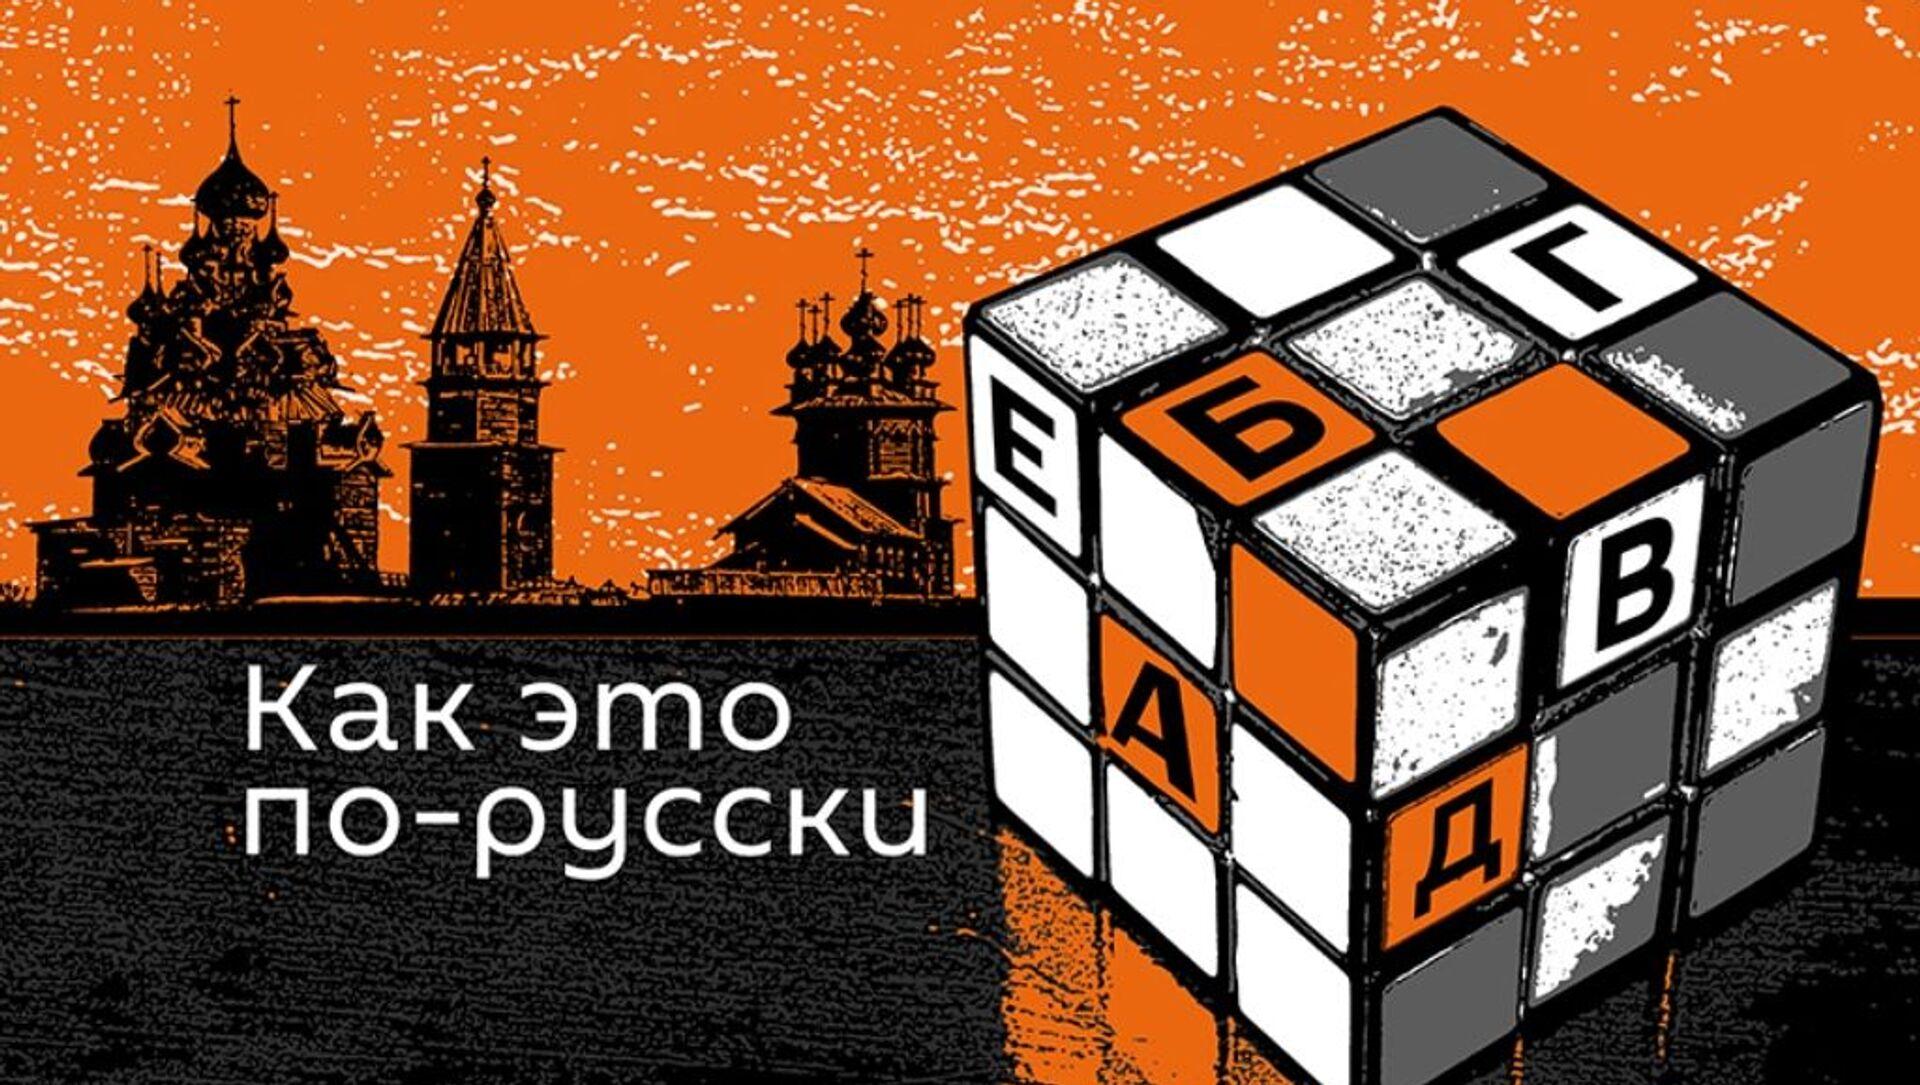 Как это по-русски - Sputnik Абхазия, 1920, 03.10.2021